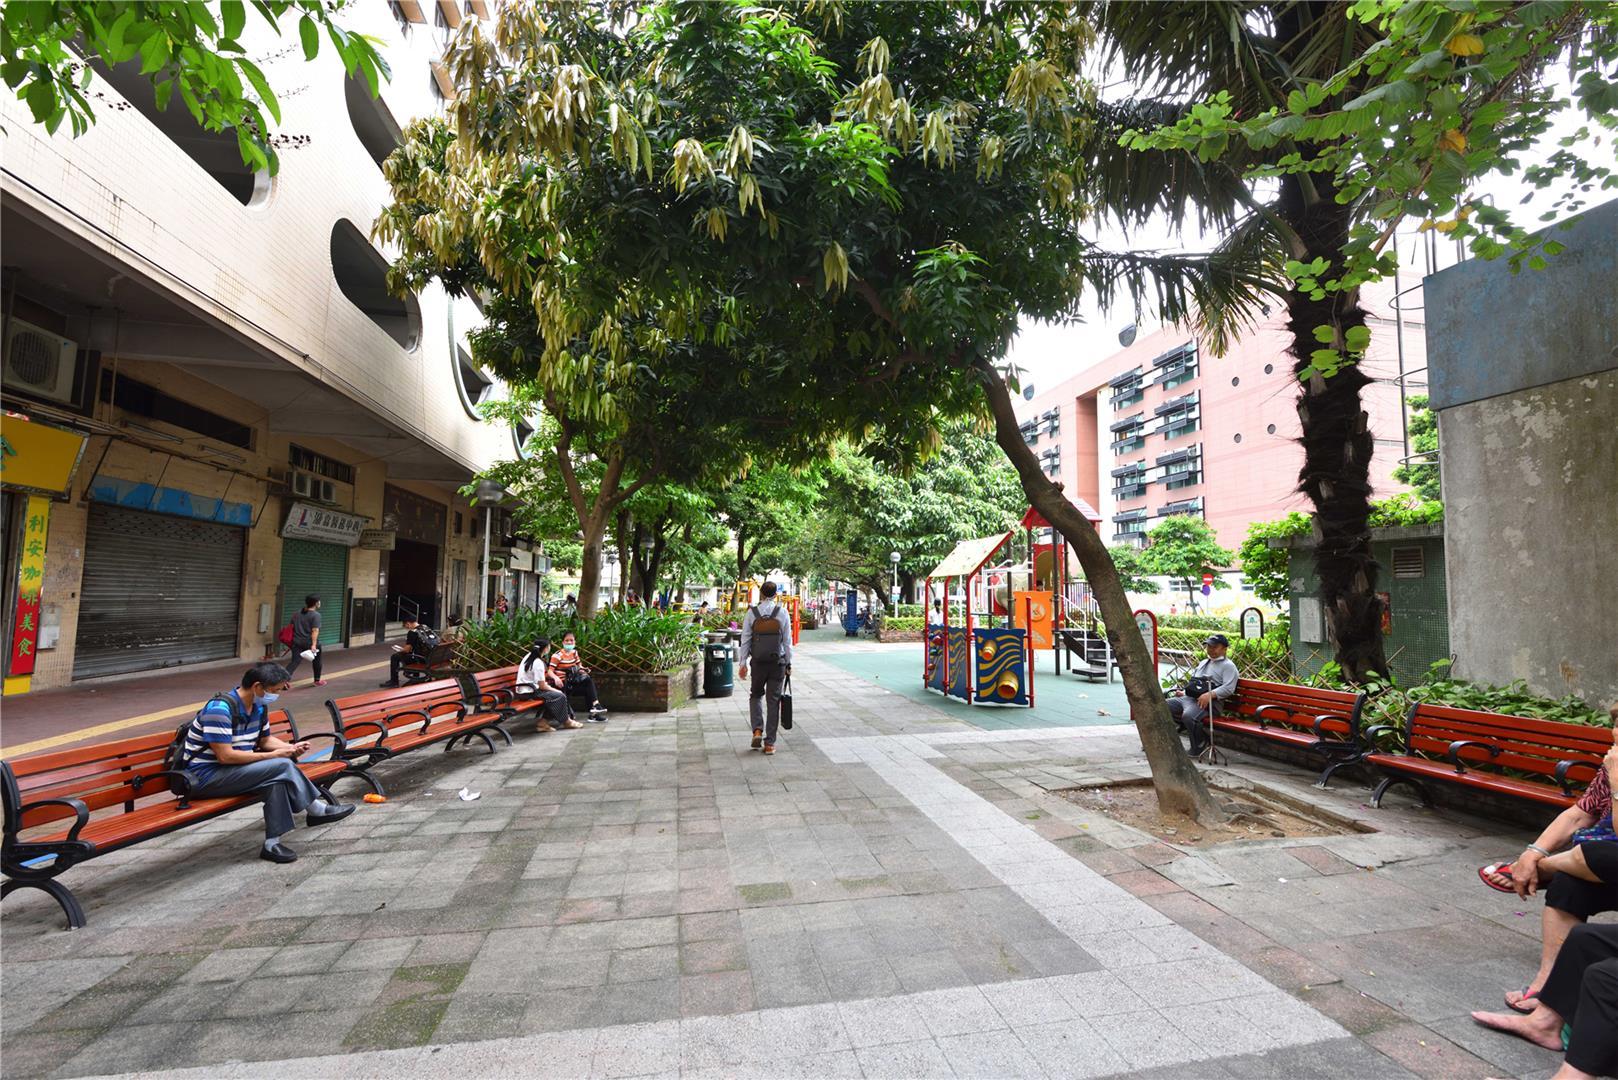 Leisure Area in Rua Central de T'oi Sán